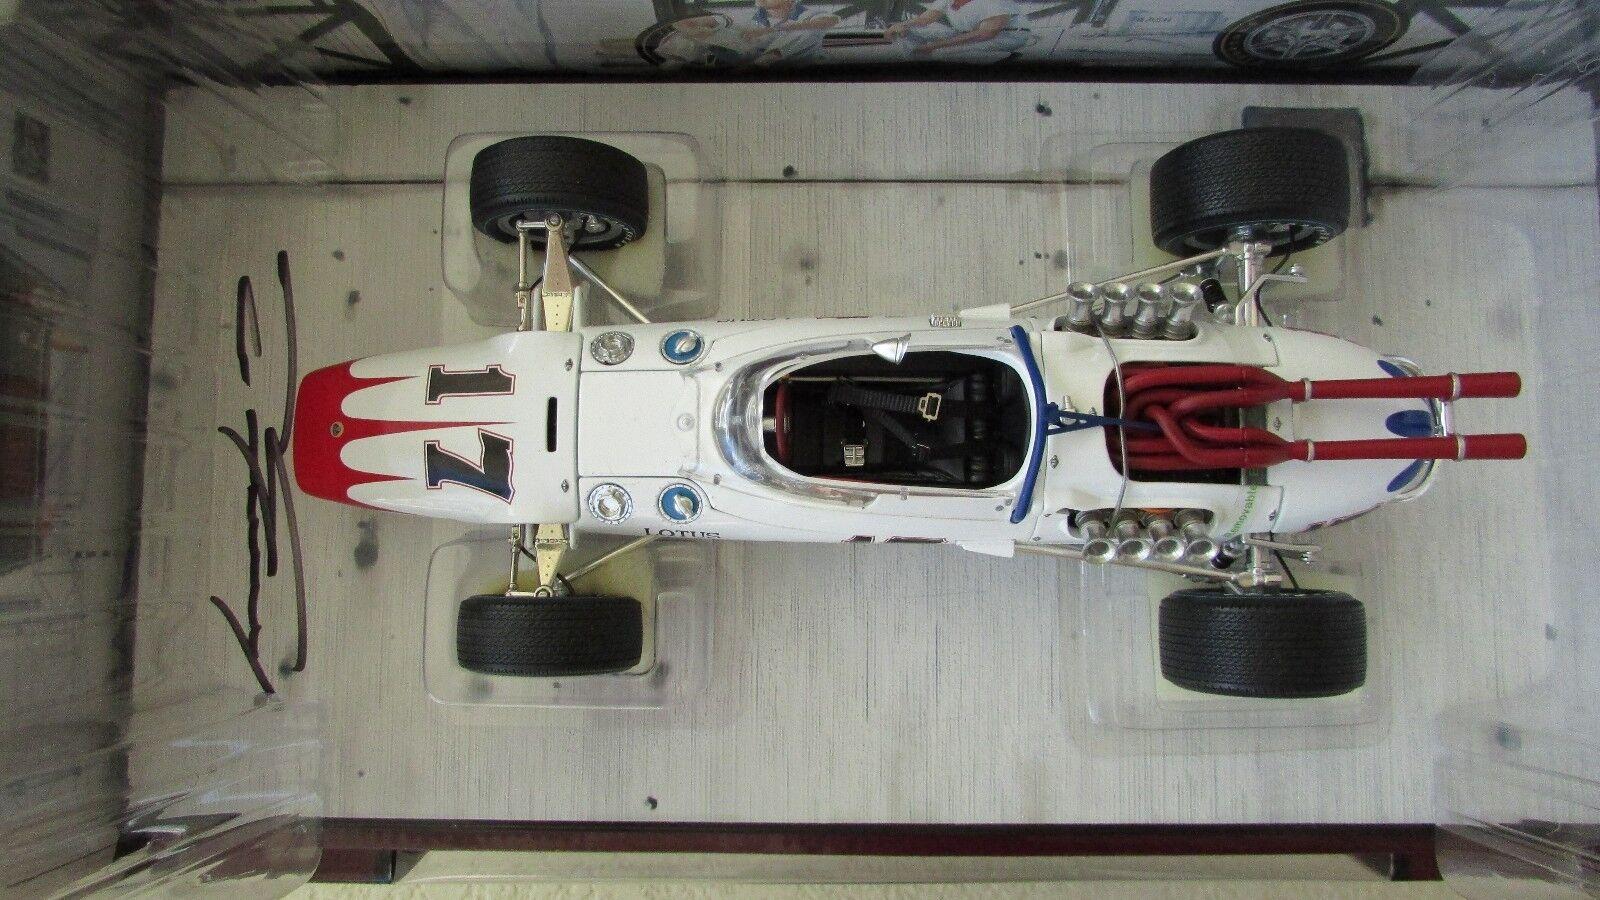 1 1 1 18 Carousel 1 Dan Gurney SIGNED Indy 500 race car Lotus 38 Ford 1965 boxs COA e74816